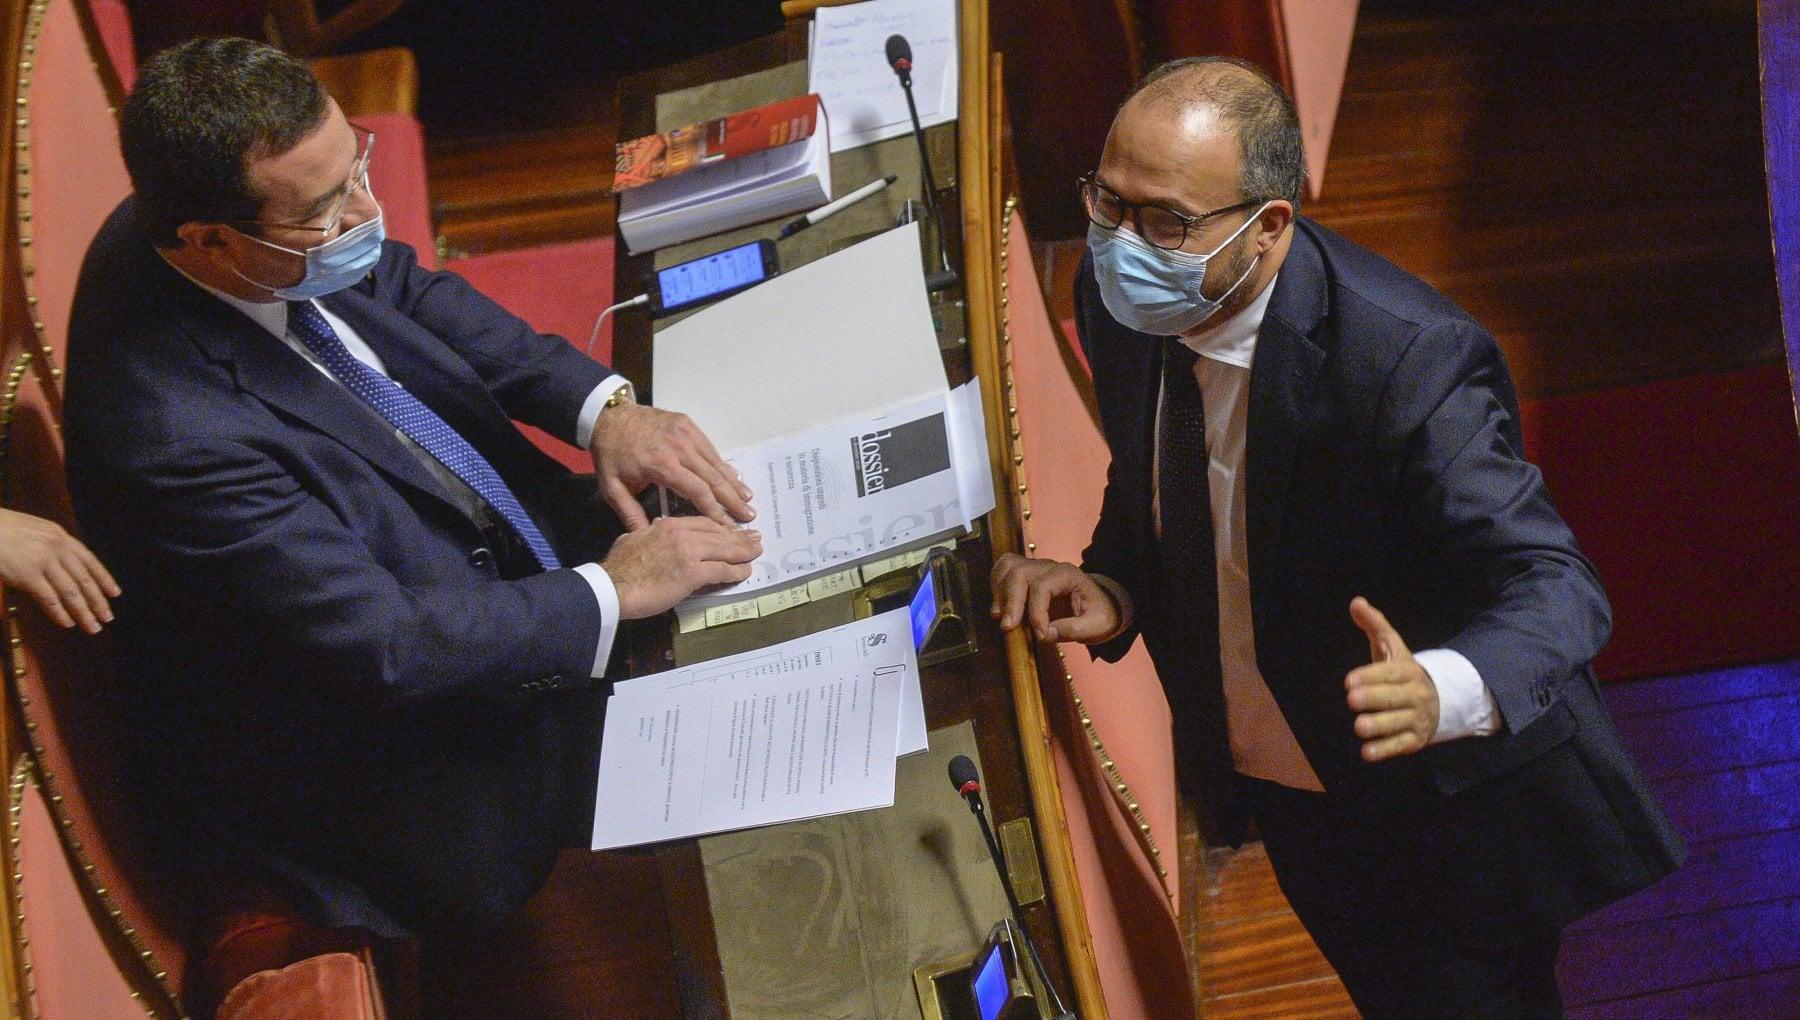 Verifica di governo Faraone Iv Conte ha ammesso gli errori sul Recovery